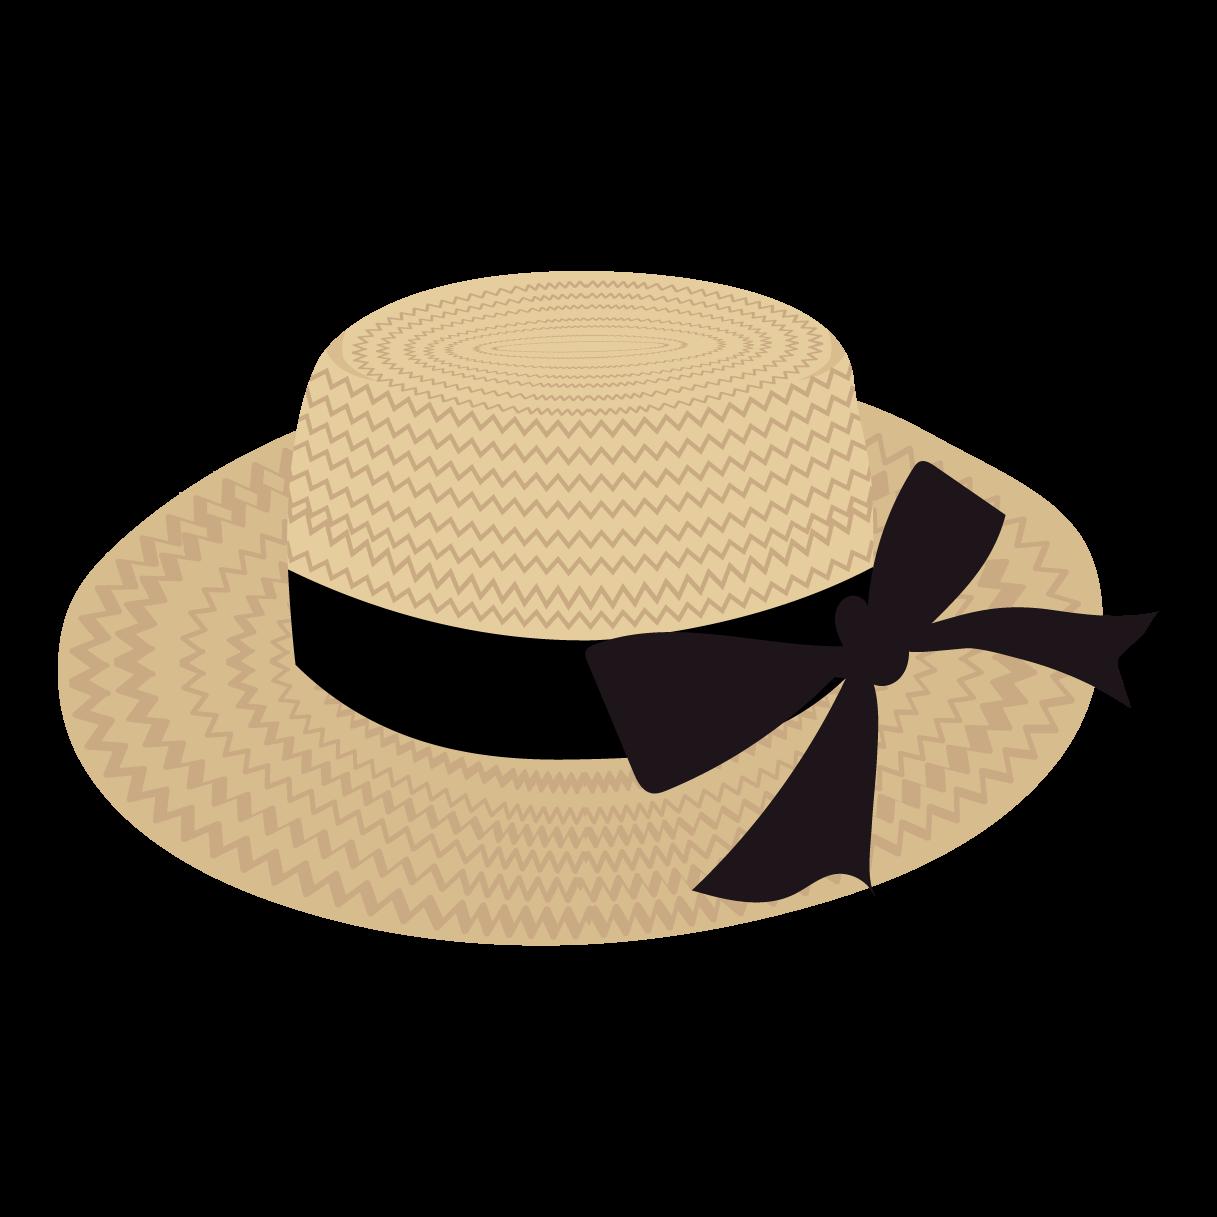 おしゃれ麦わら帽子 リボン の フリー イラスト 商用フリー無料の